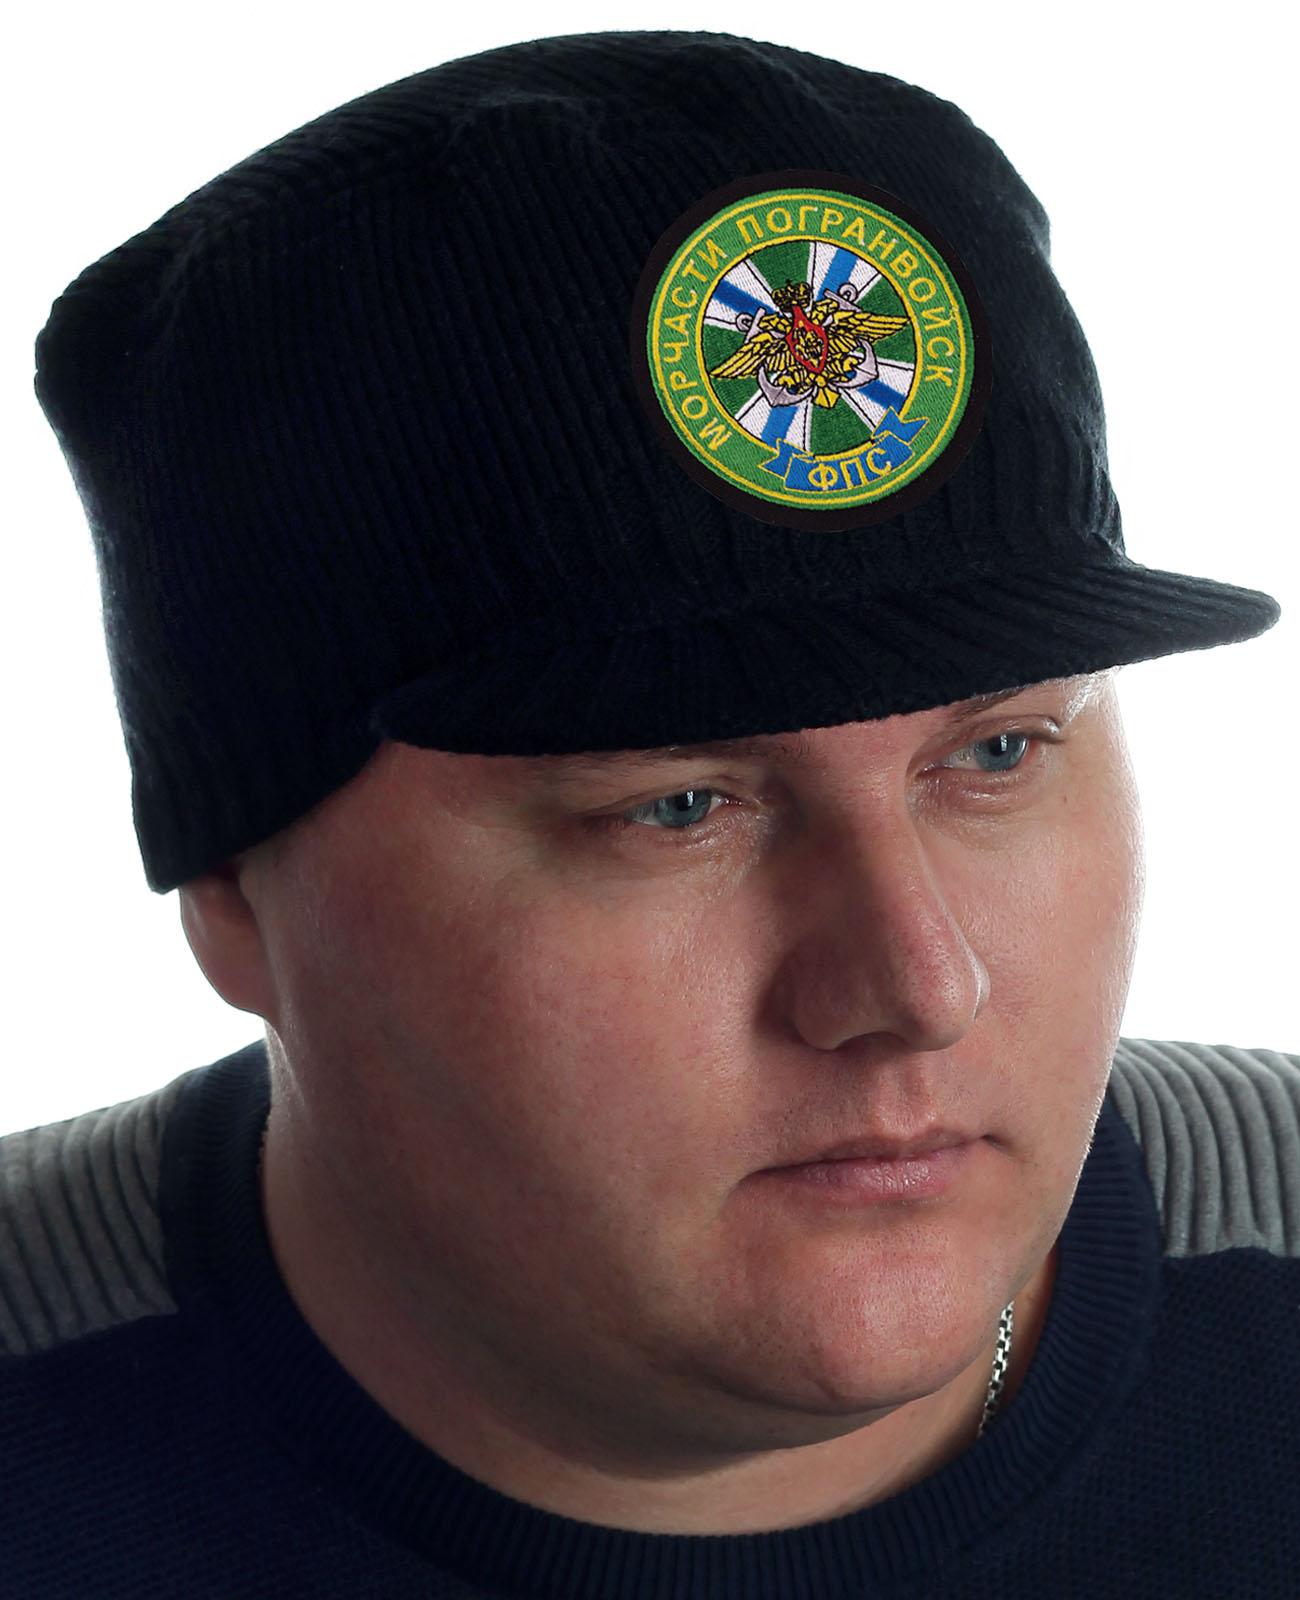 Купить оригинальную шапку-кепку Miller Way с доставкой в ваш город